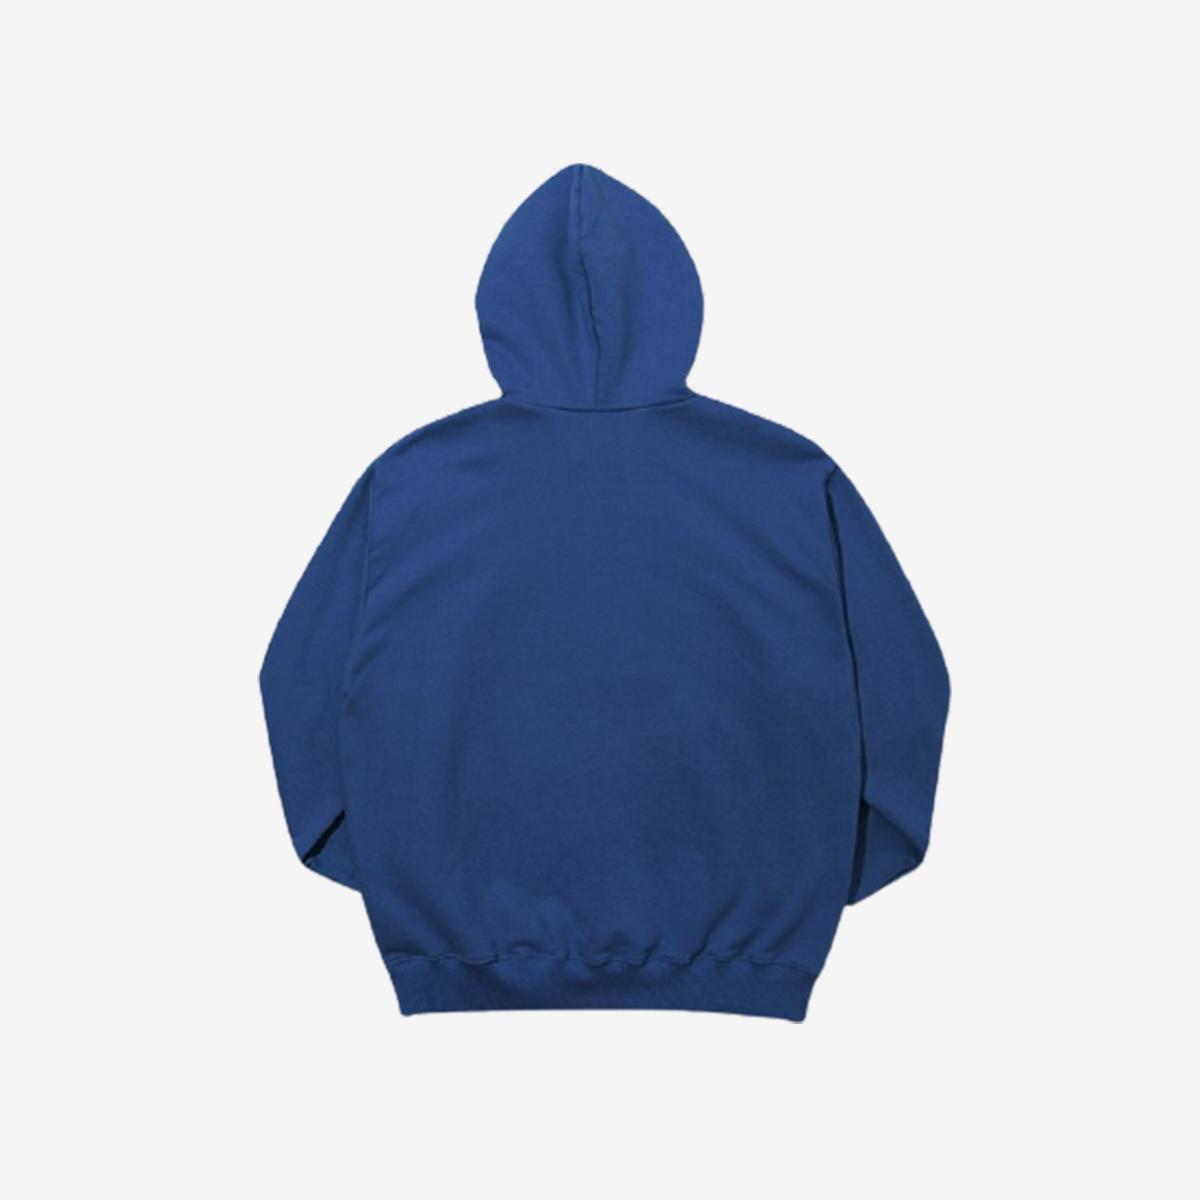 《泰迪熊聯名款》素面小熊刷毛帽T(靛藍色)